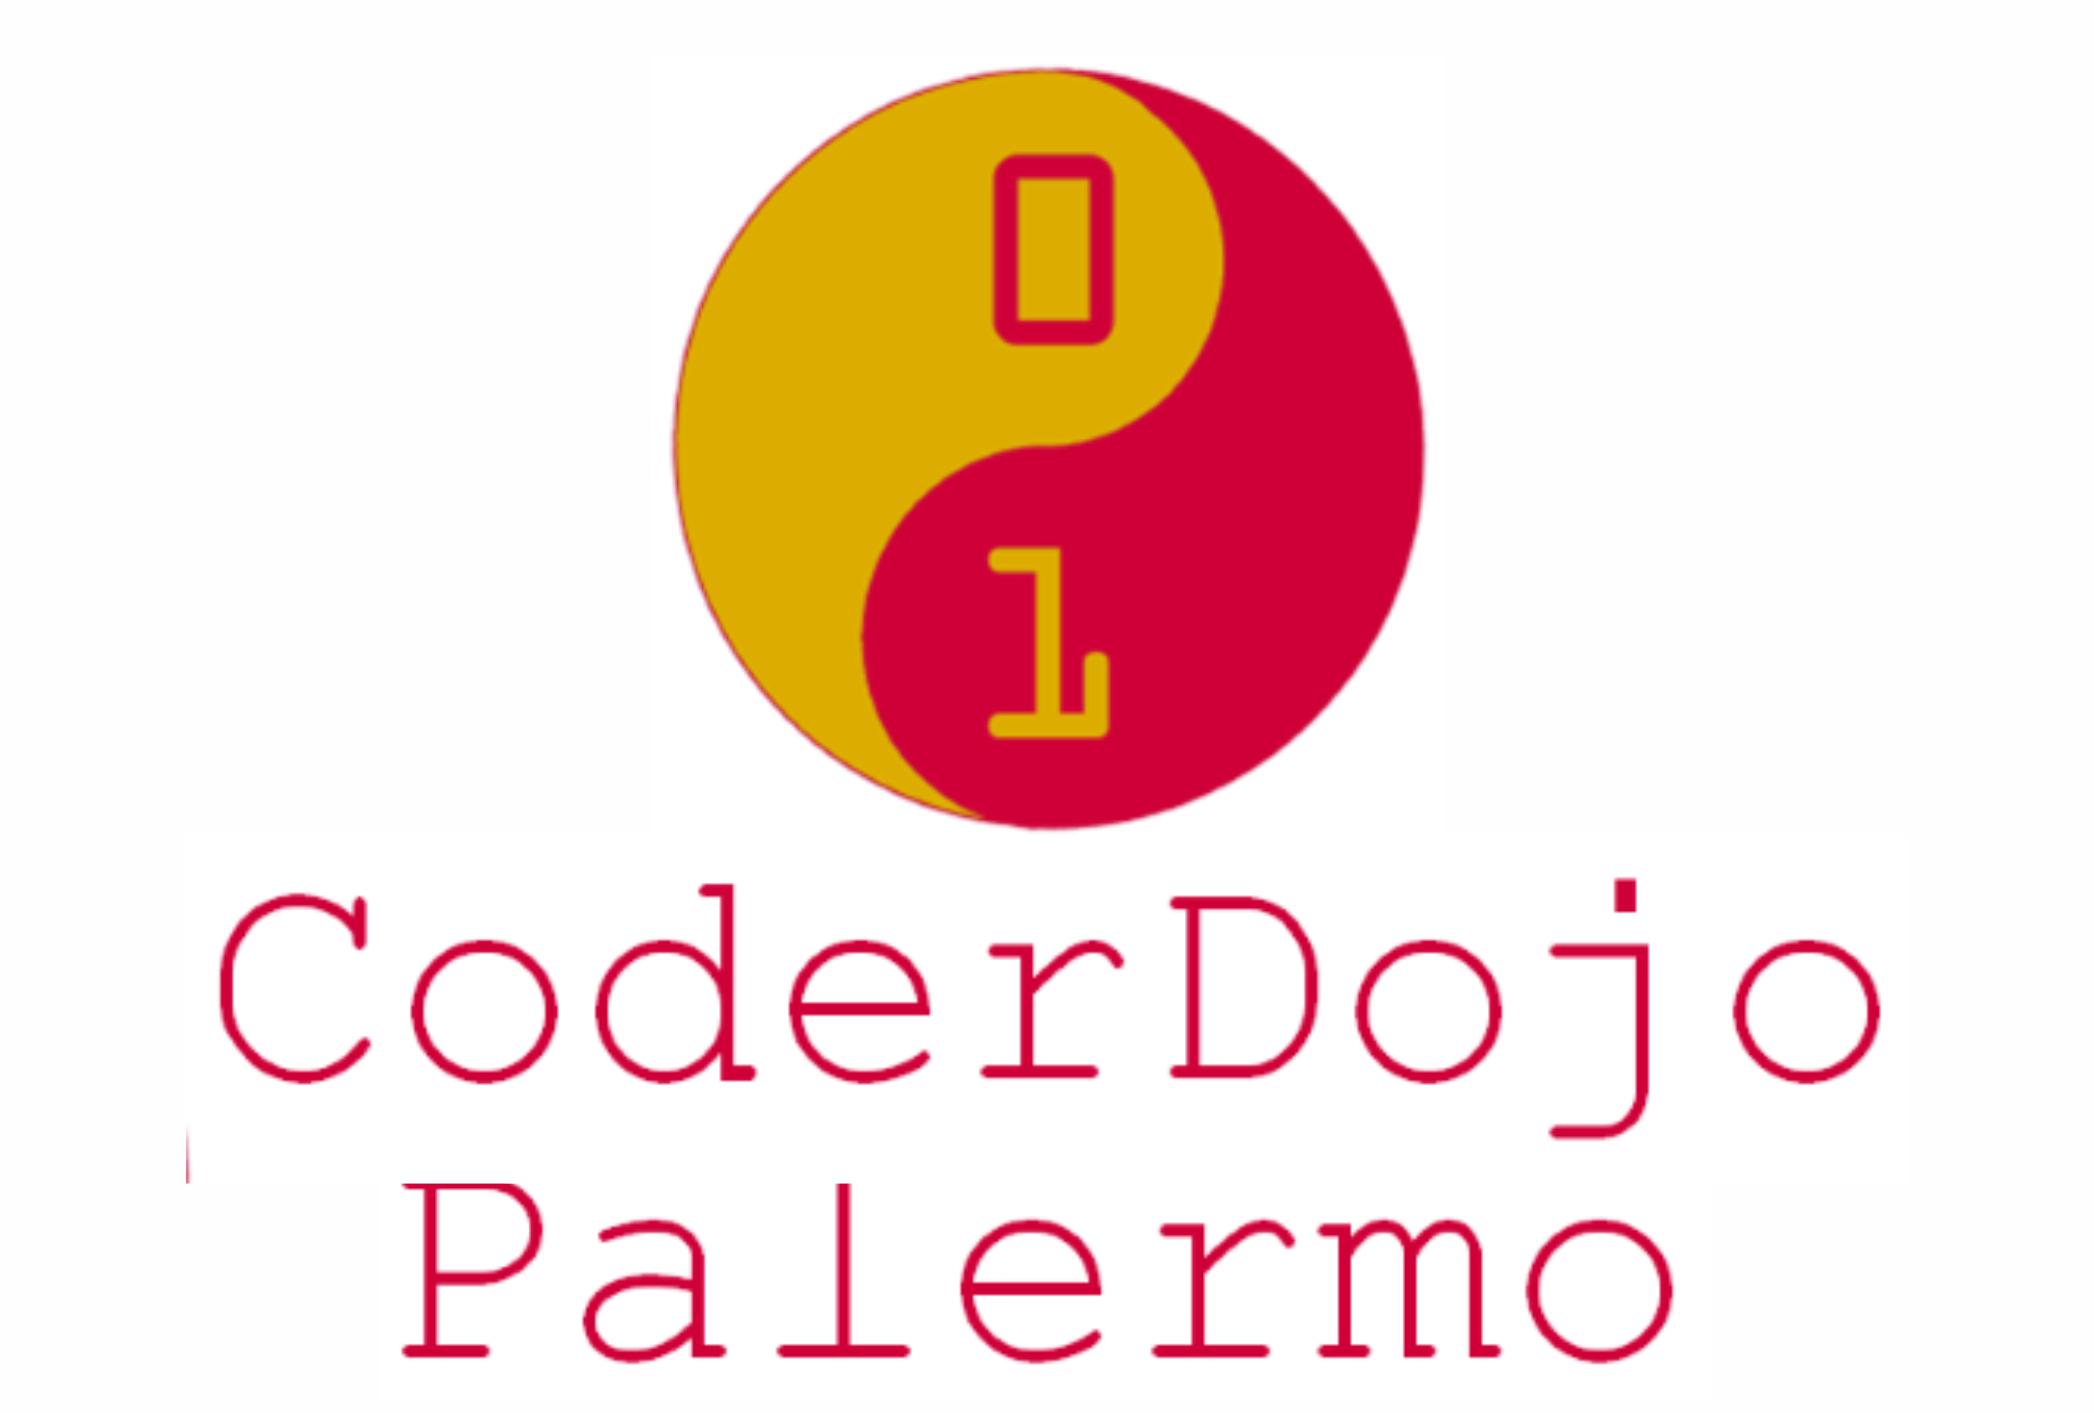 coder dojo